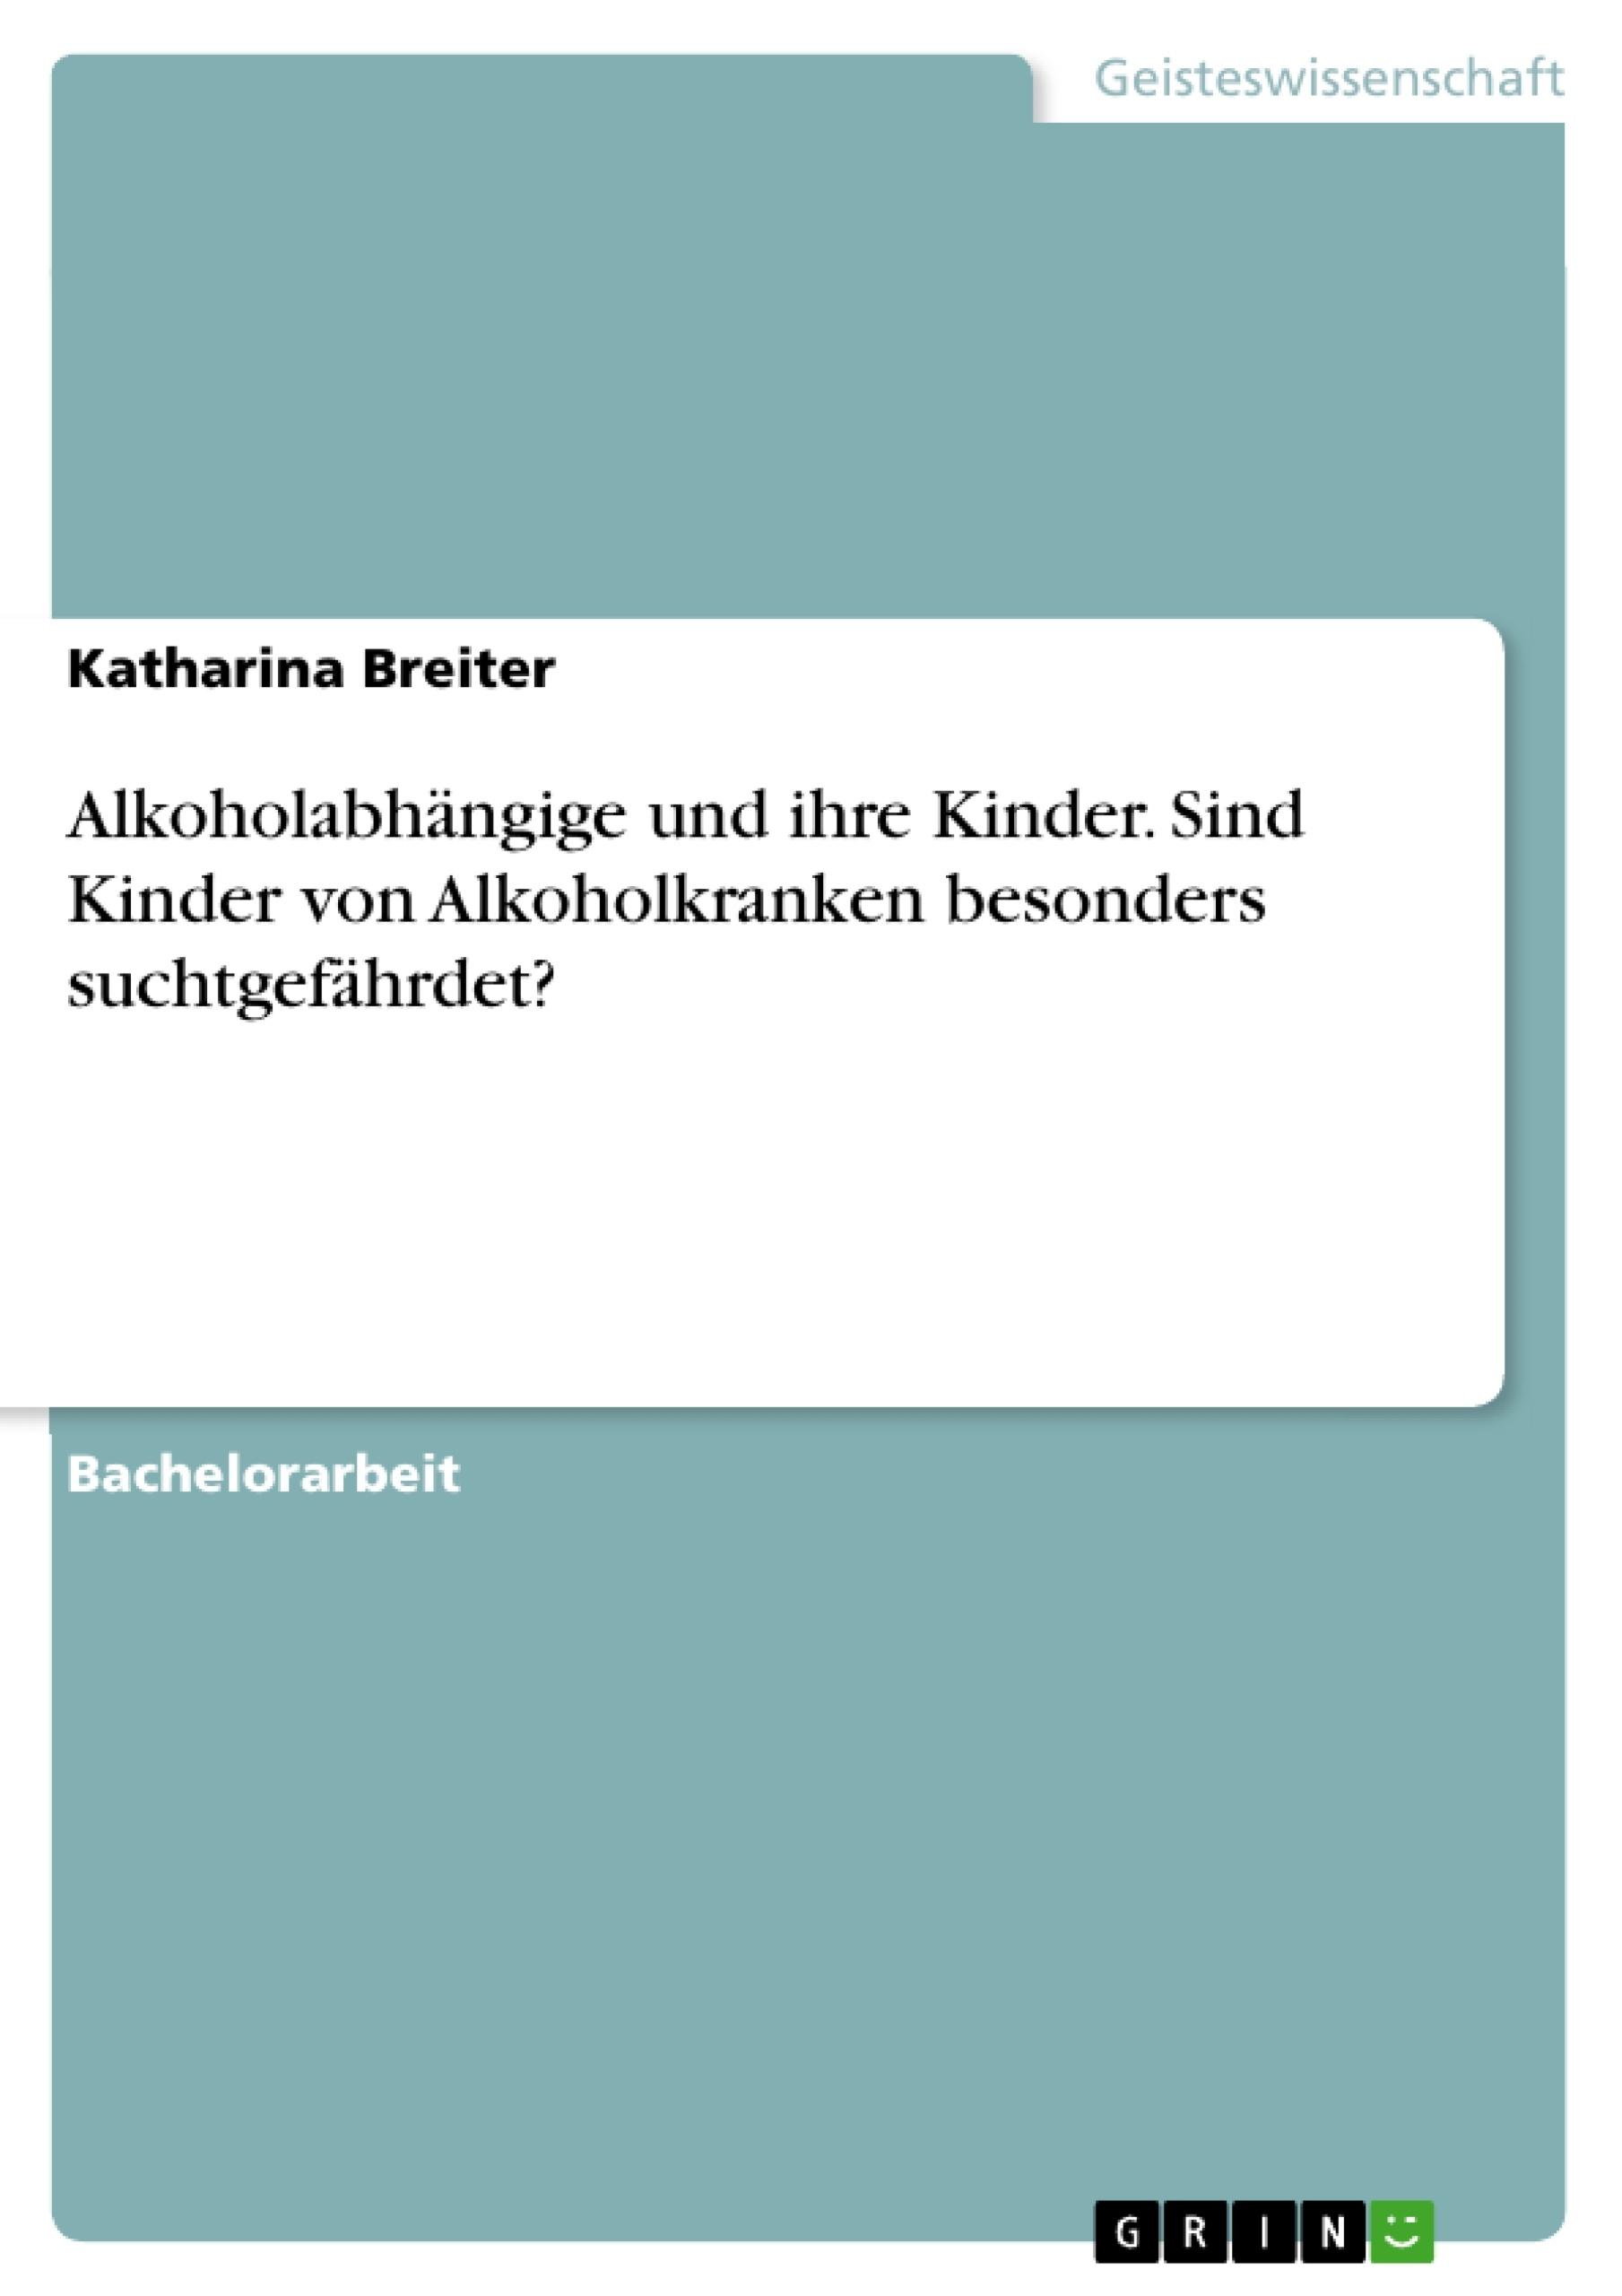 Titel: Alkoholabhängige und ihre Kinder. Sind Kinder von Alkoholkranken besonders suchtgefährdet?